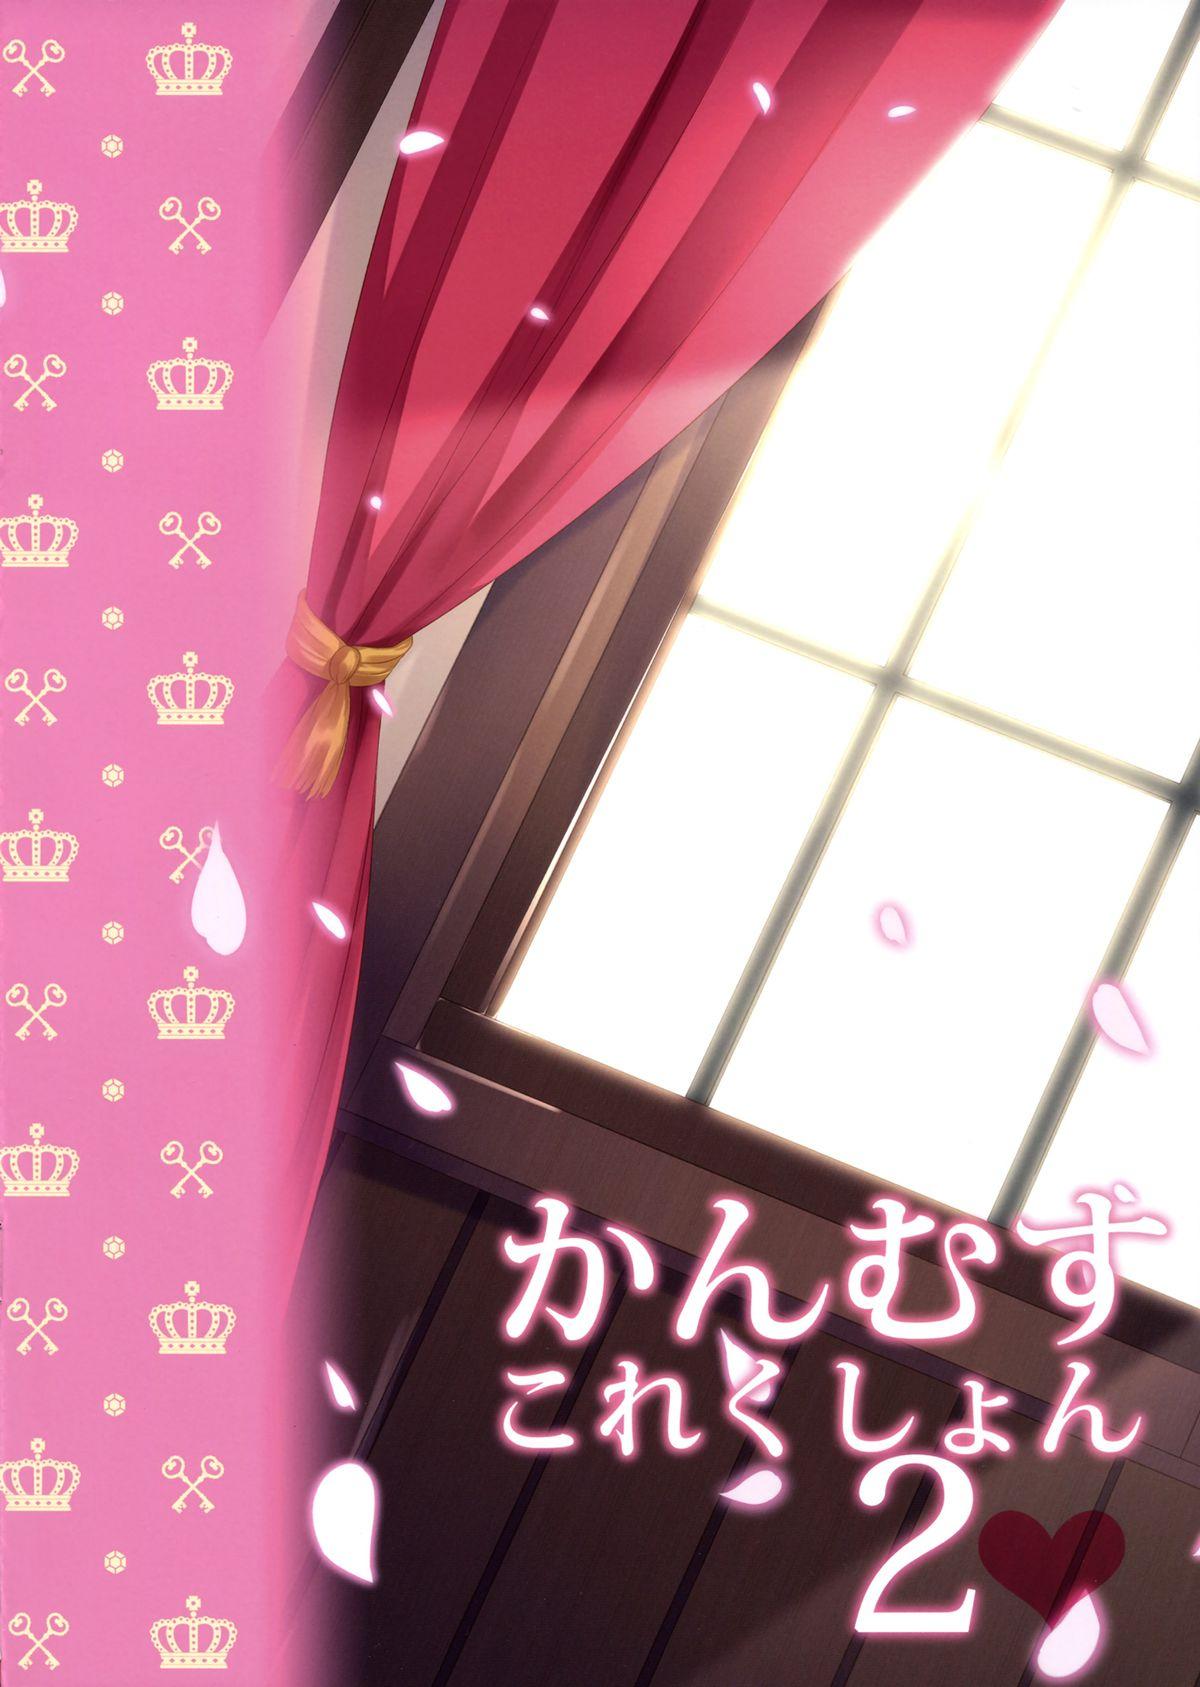 Hình ảnh  trong bài viết Truyện hentai Kanmusu Collection 2